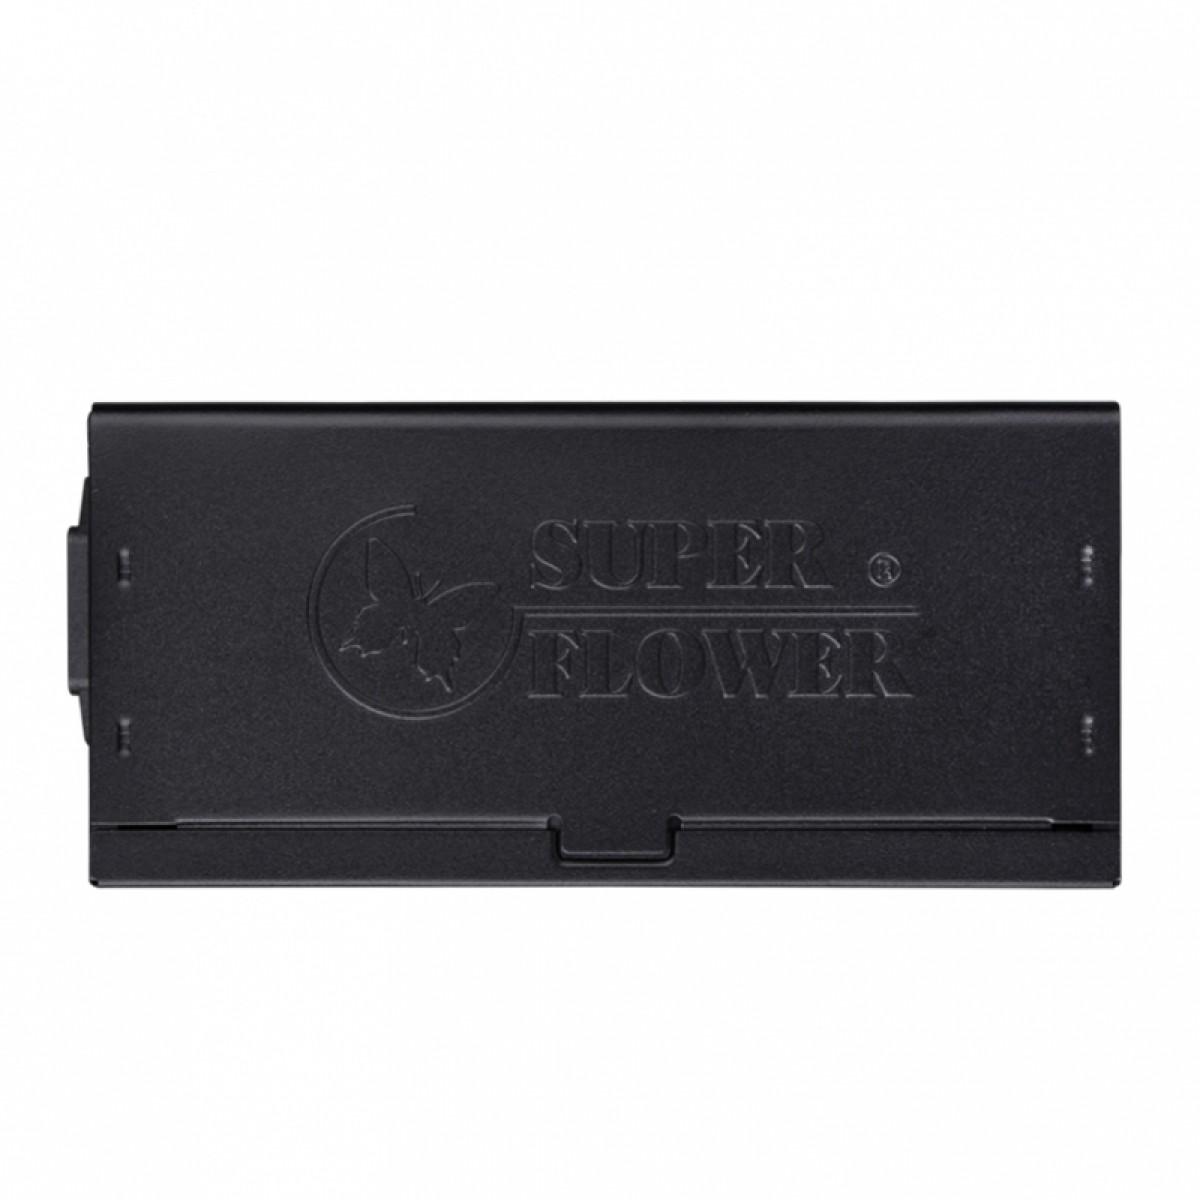 Fonte Super Flower LEADEX Platinum SE 1200W, 80 Plus Platinum, PFC Ativo, Full Modular, SF-1200F14MP